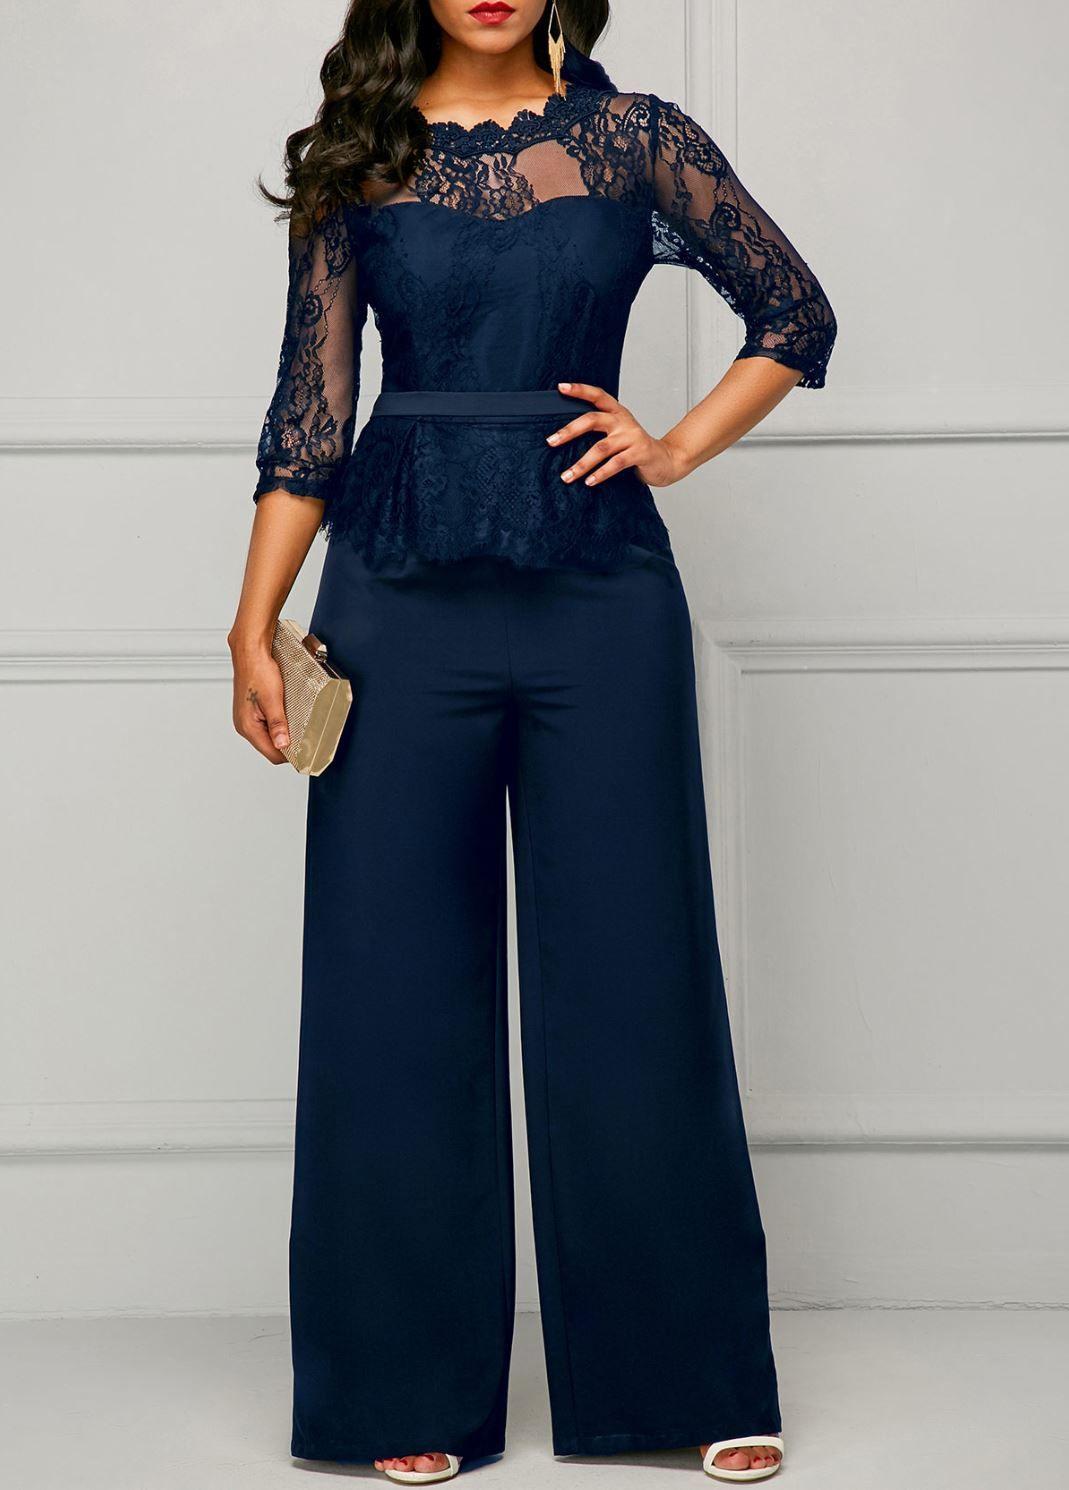 10 Luxus Dresscode Abendkleidung für 201917 Luxus Dresscode Abendkleidung Stylish